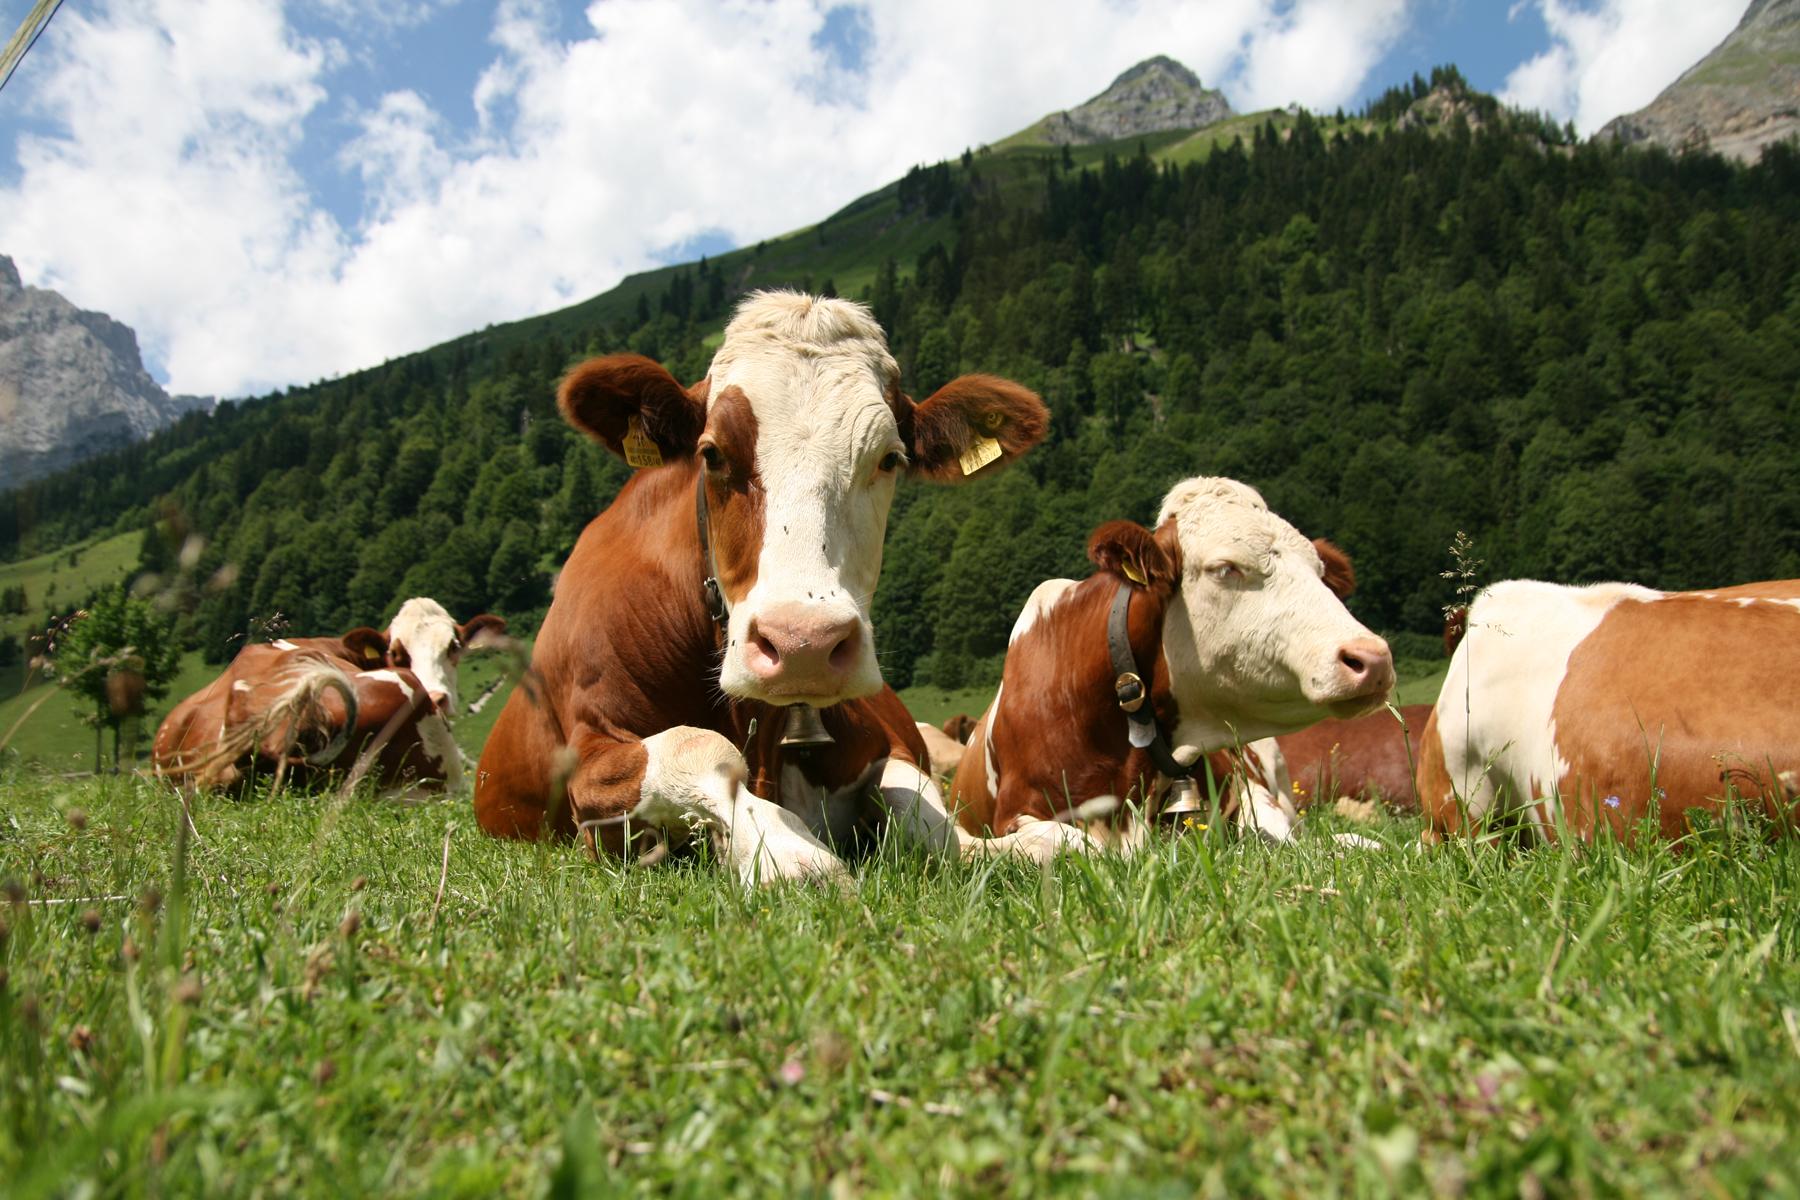 Bovini di razza Simmental al pascolo in Svizzera. Fotografia di Richard Bartz, Creative Commons Attribution ShareAlike 2.5.